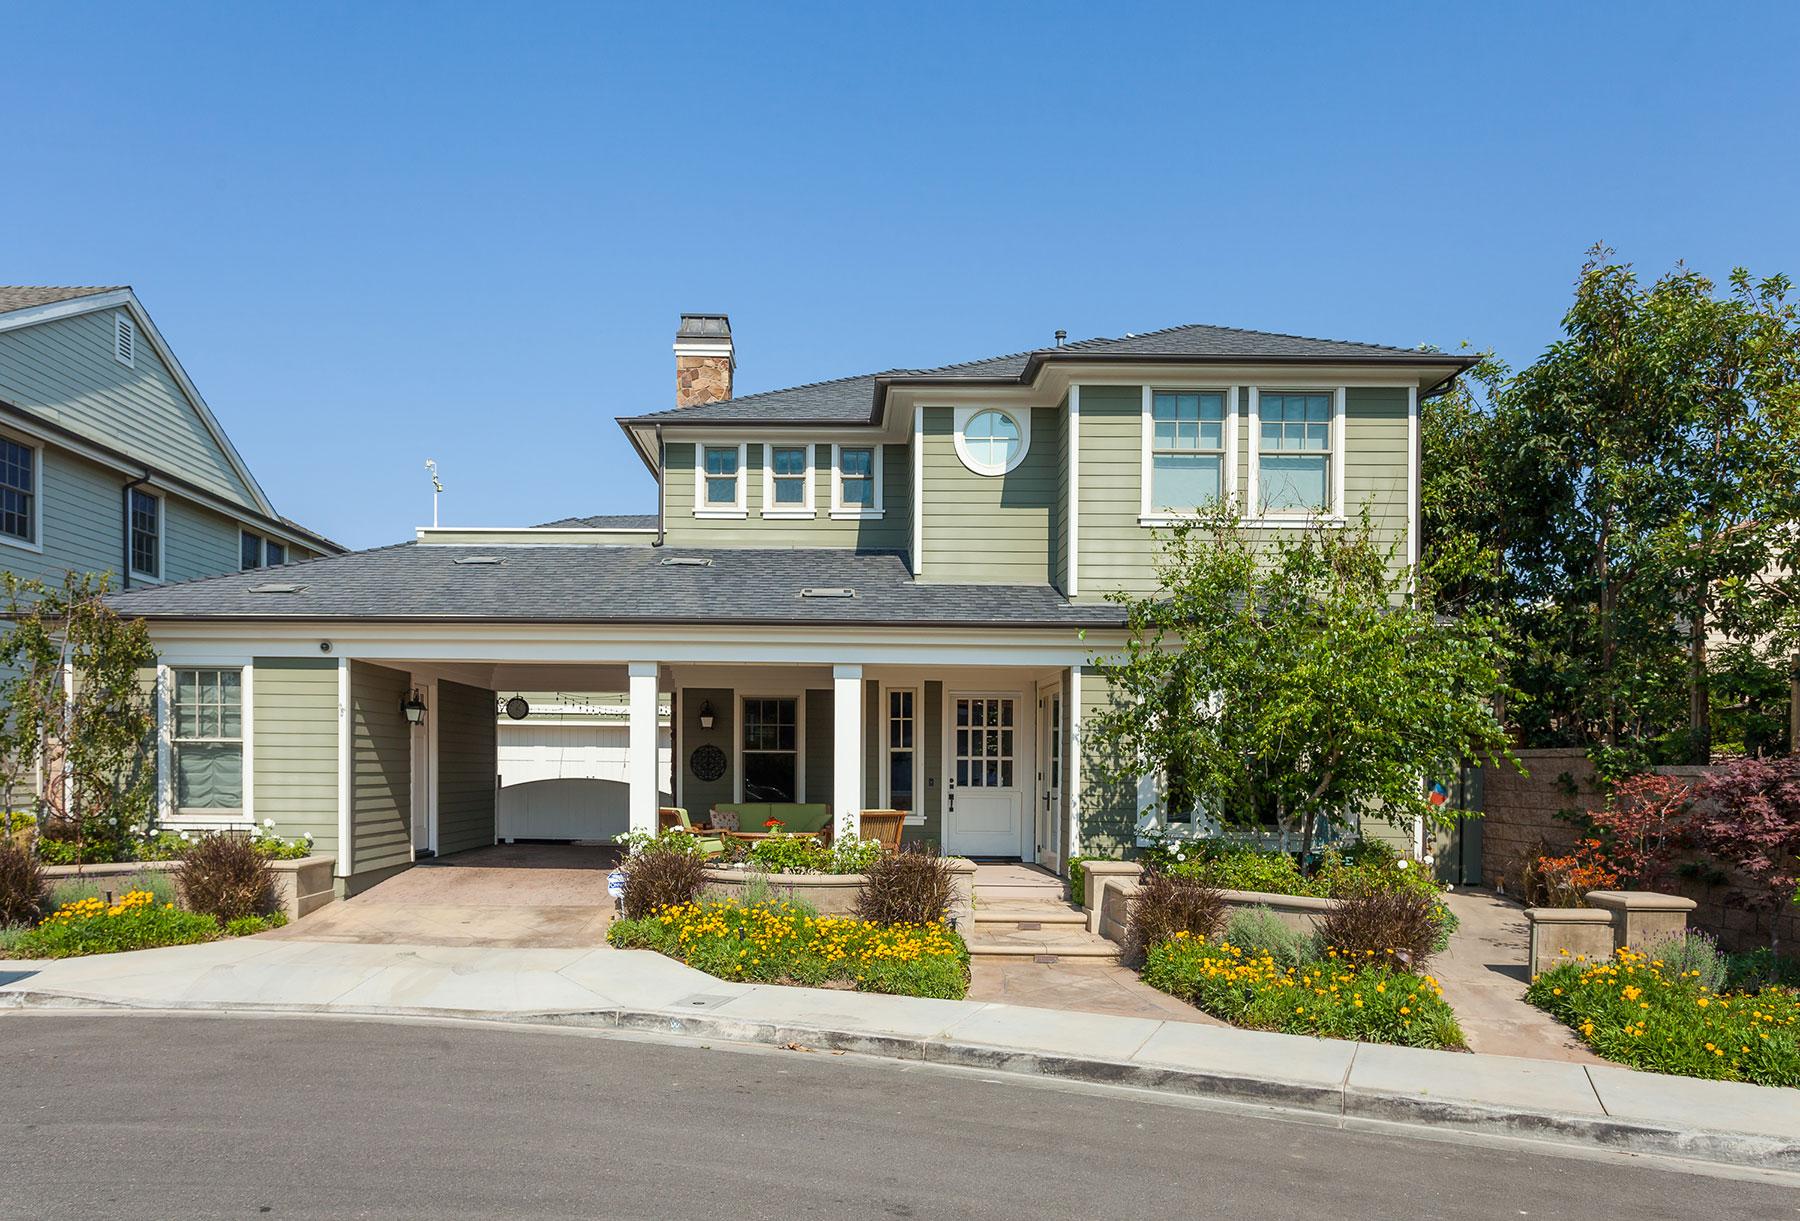 Casa Unifamiliar por un Venta en 17352 Greatpoint Cr 17352 Greatpointe Cr Huntington Beach, California, 92649 Estados Unidos